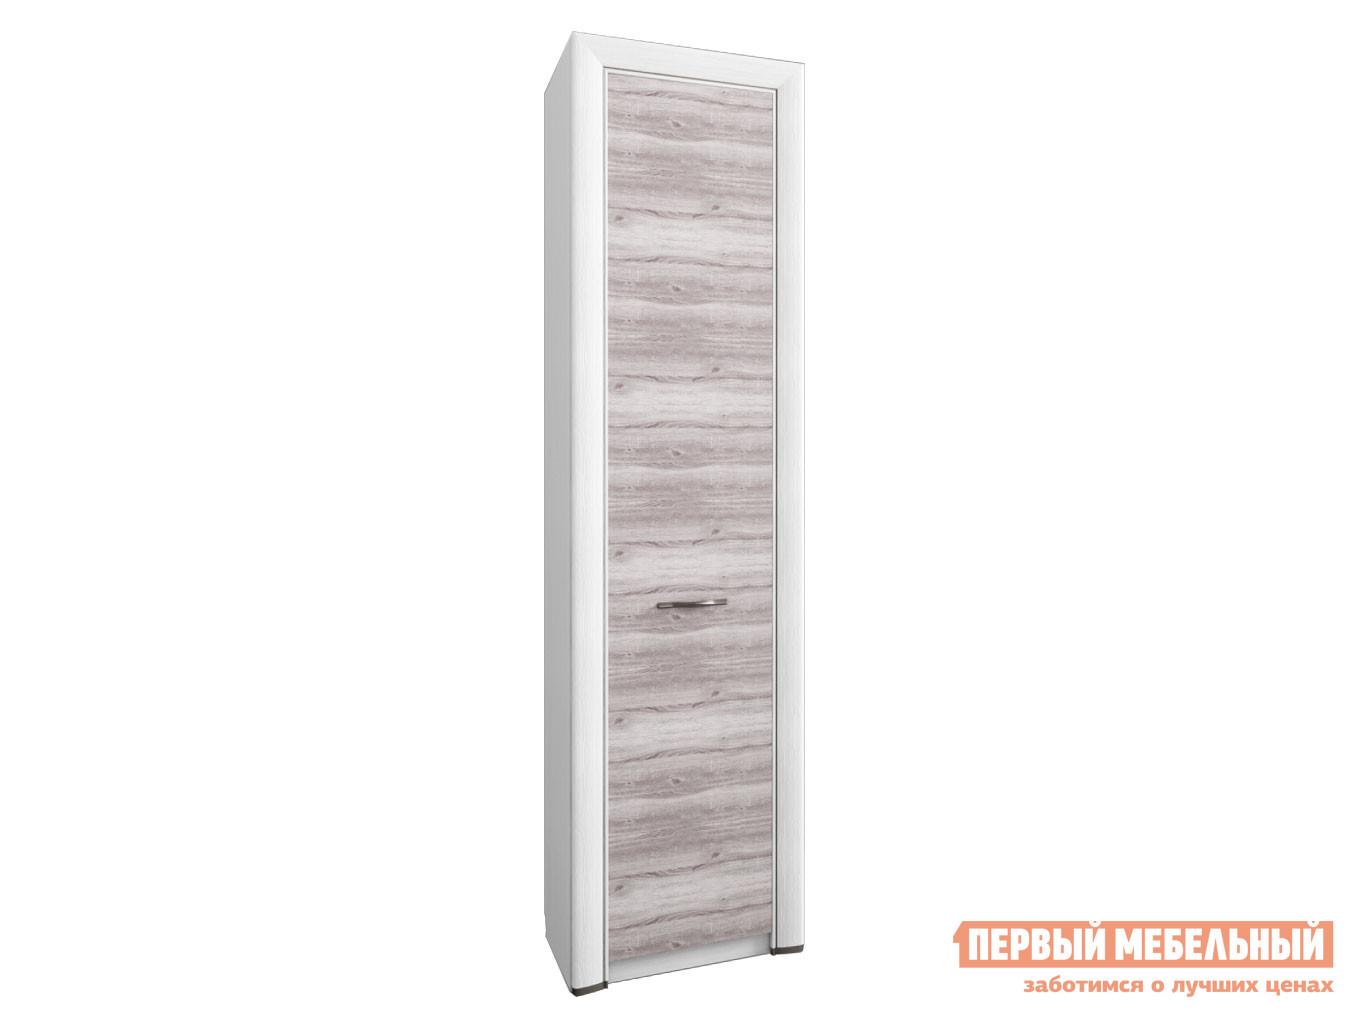 Шкаф распашной Первый Мебельный Пенал Оливия левый / правый